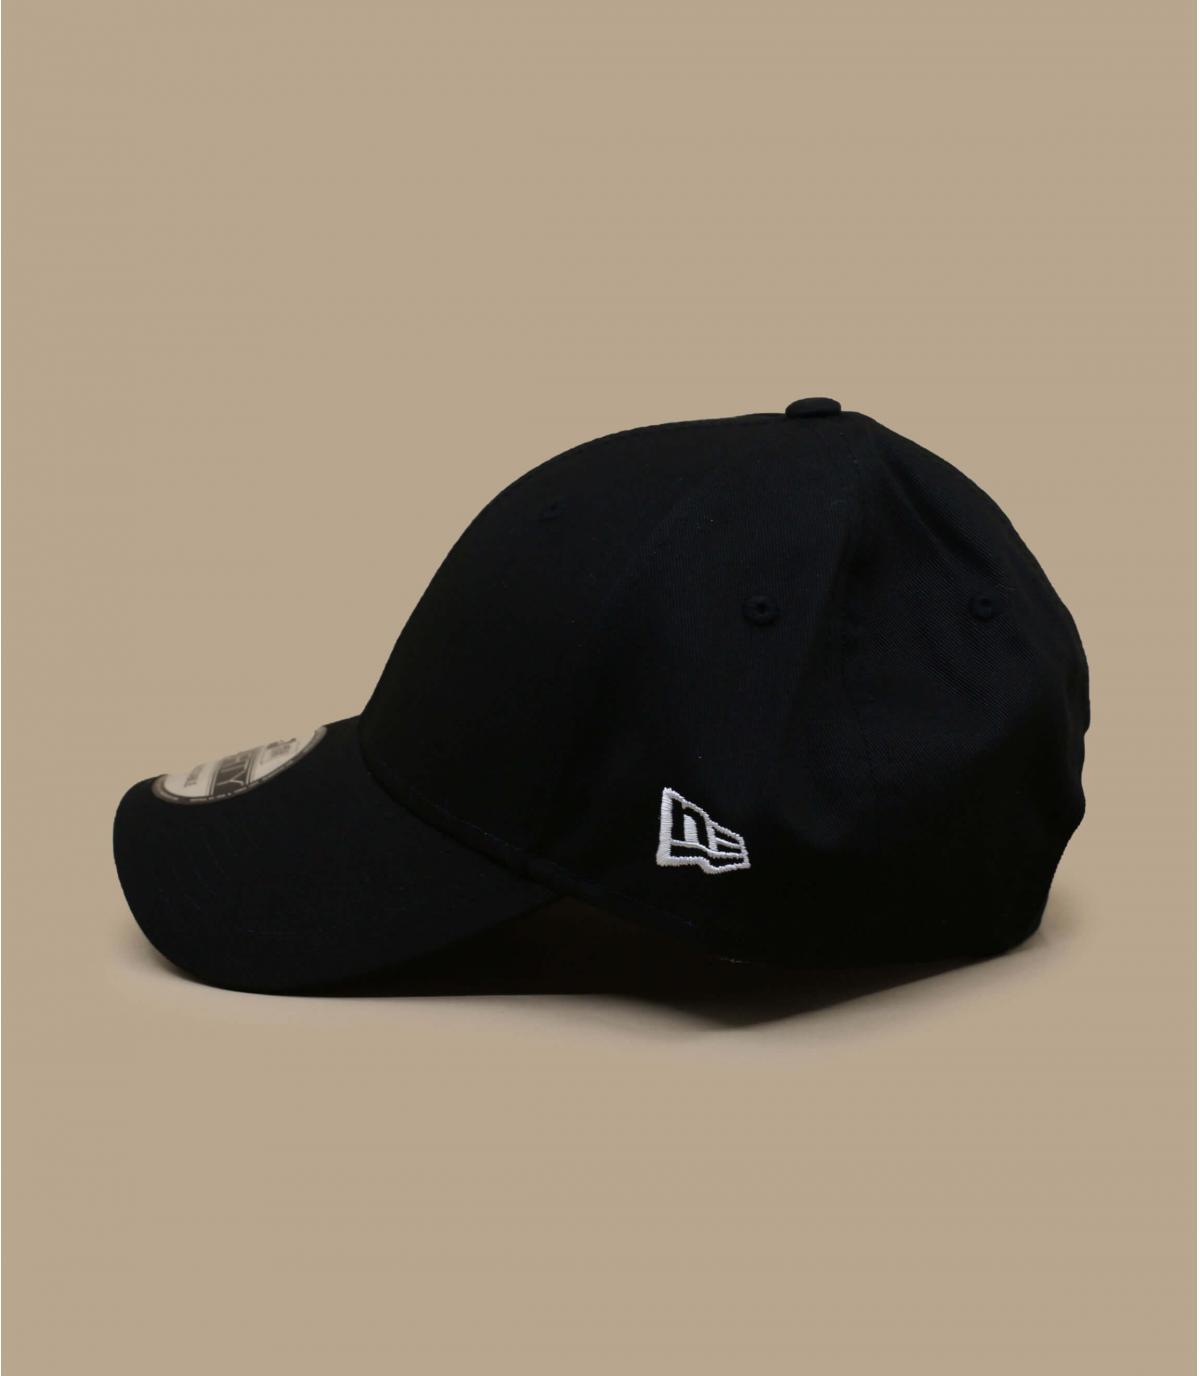 Detalles Basic Cap black white imagen 3